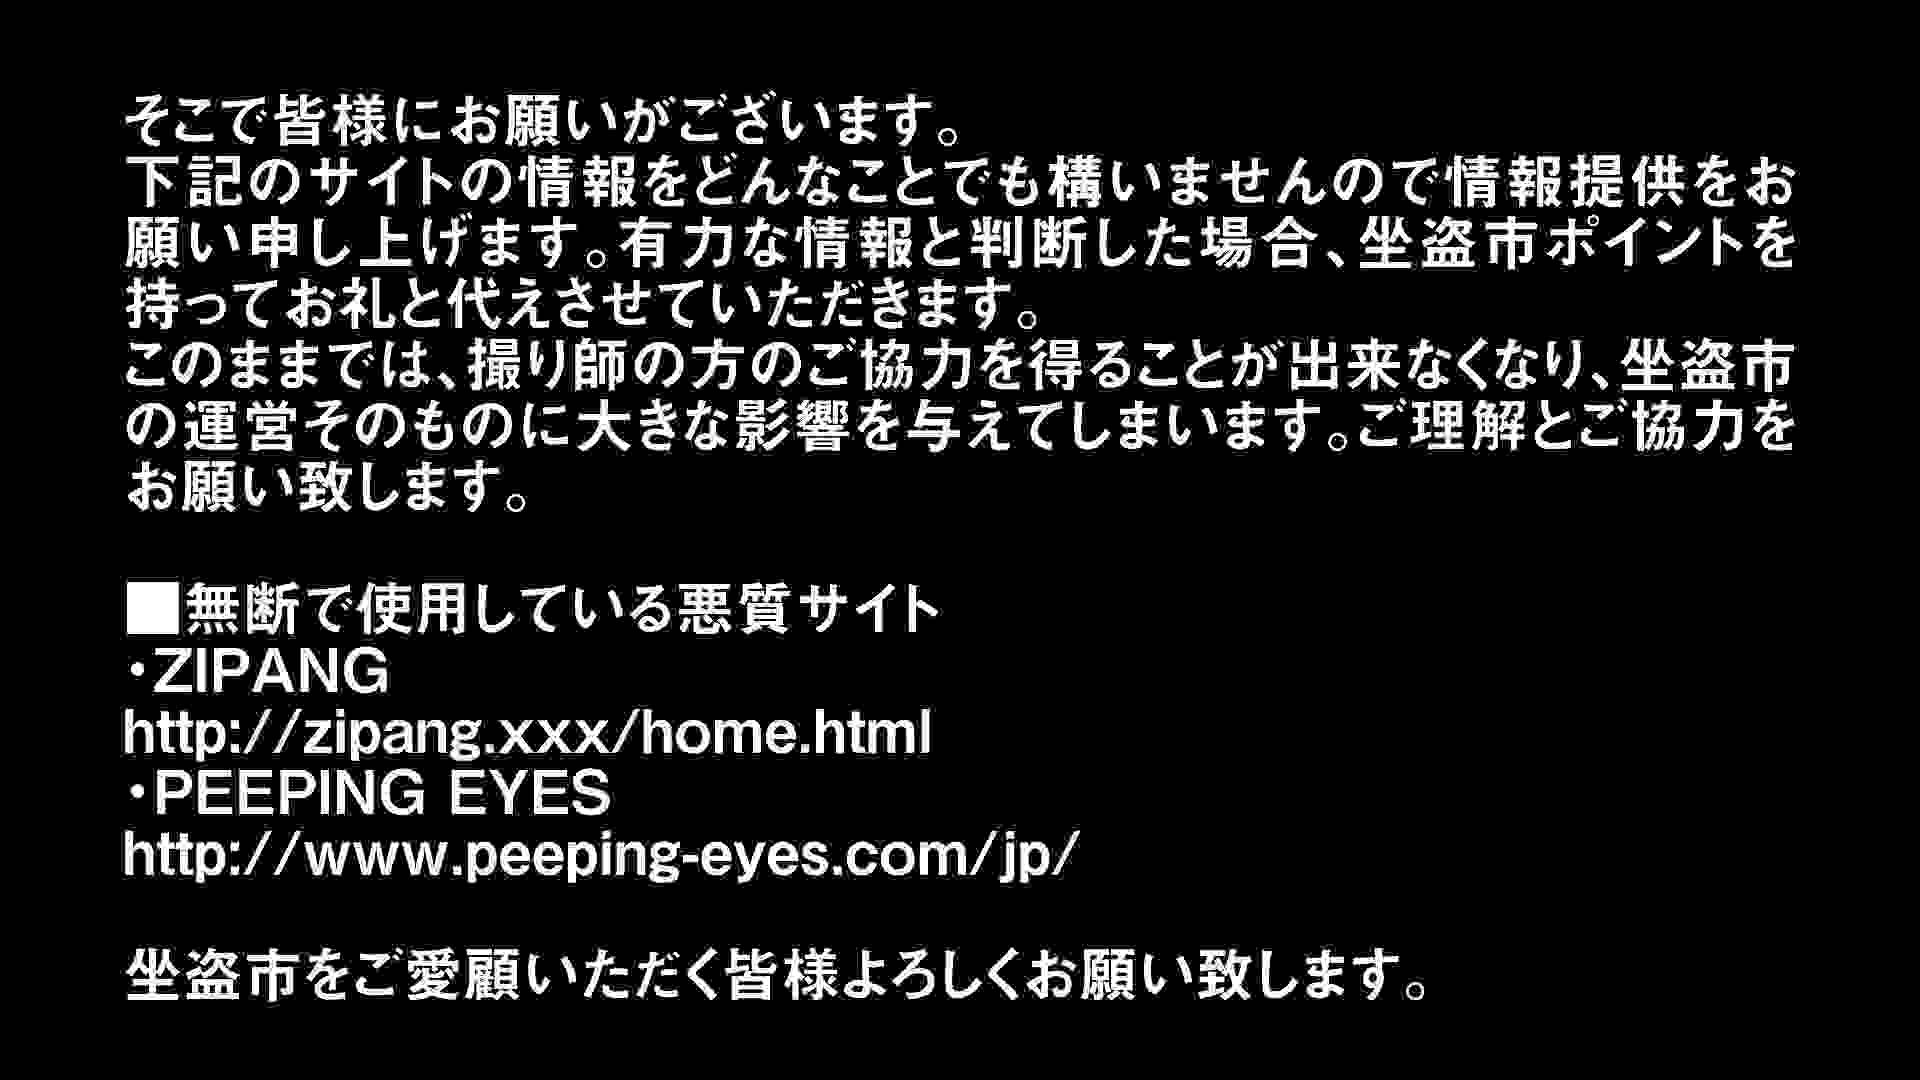 Aquaな露天風呂Vol.297 女体盗撮  91連発 45